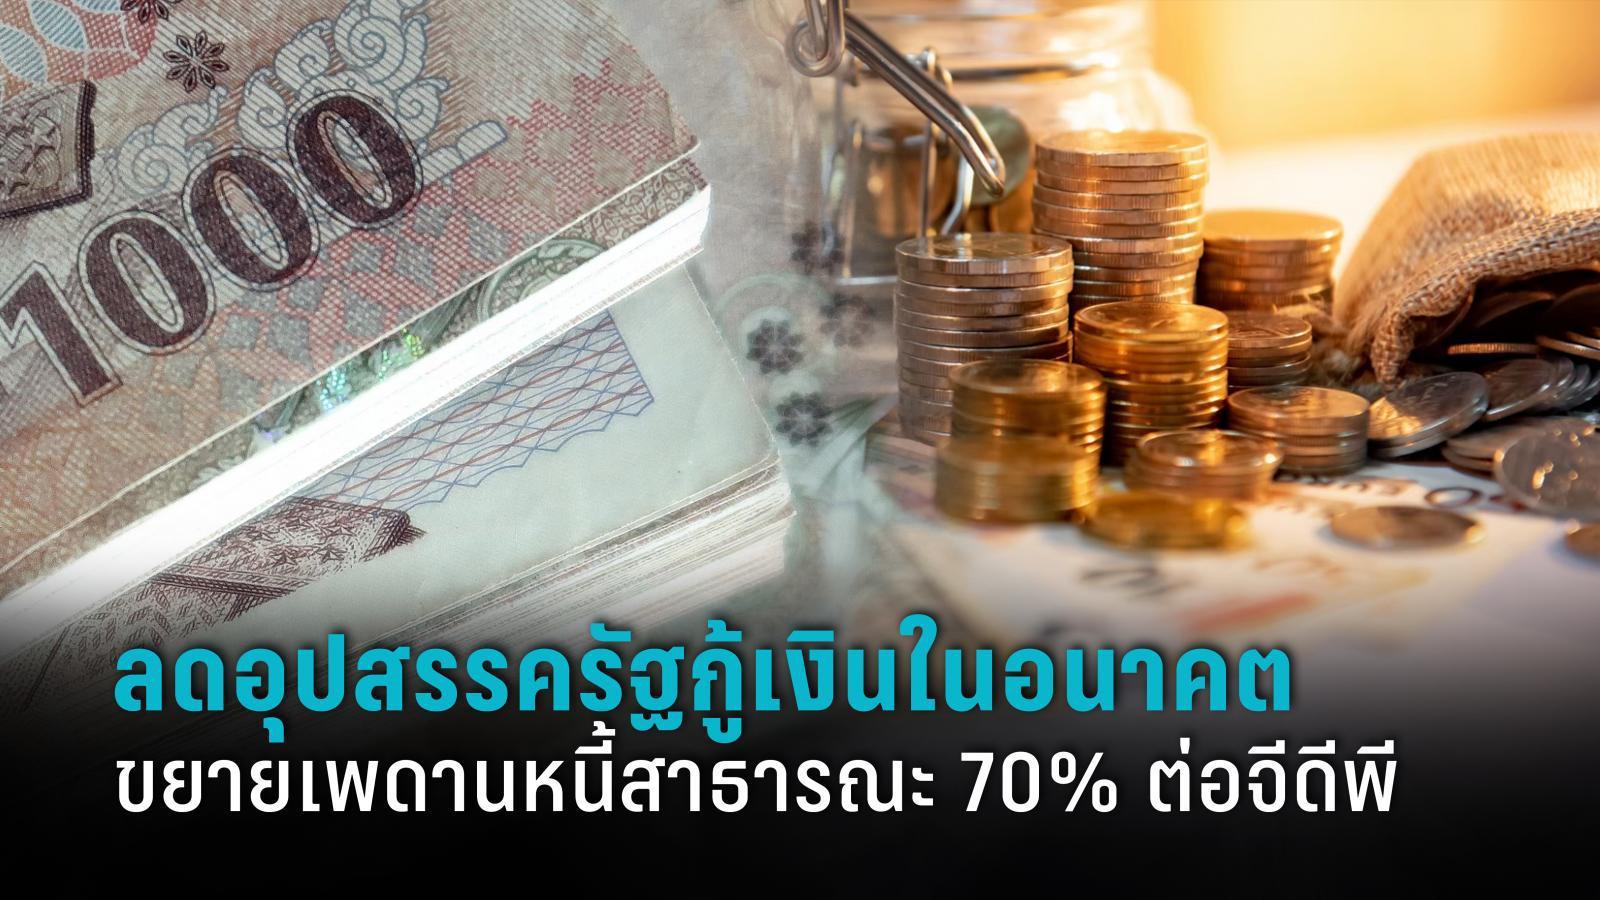 ทบทวนกรอบหนี้สาธารณะ เพิ่มเป็นร้อยละ 70 ต่อจีดีพี เพื่อลดอุปสรรครัฐกู้เงินเพิ่ม